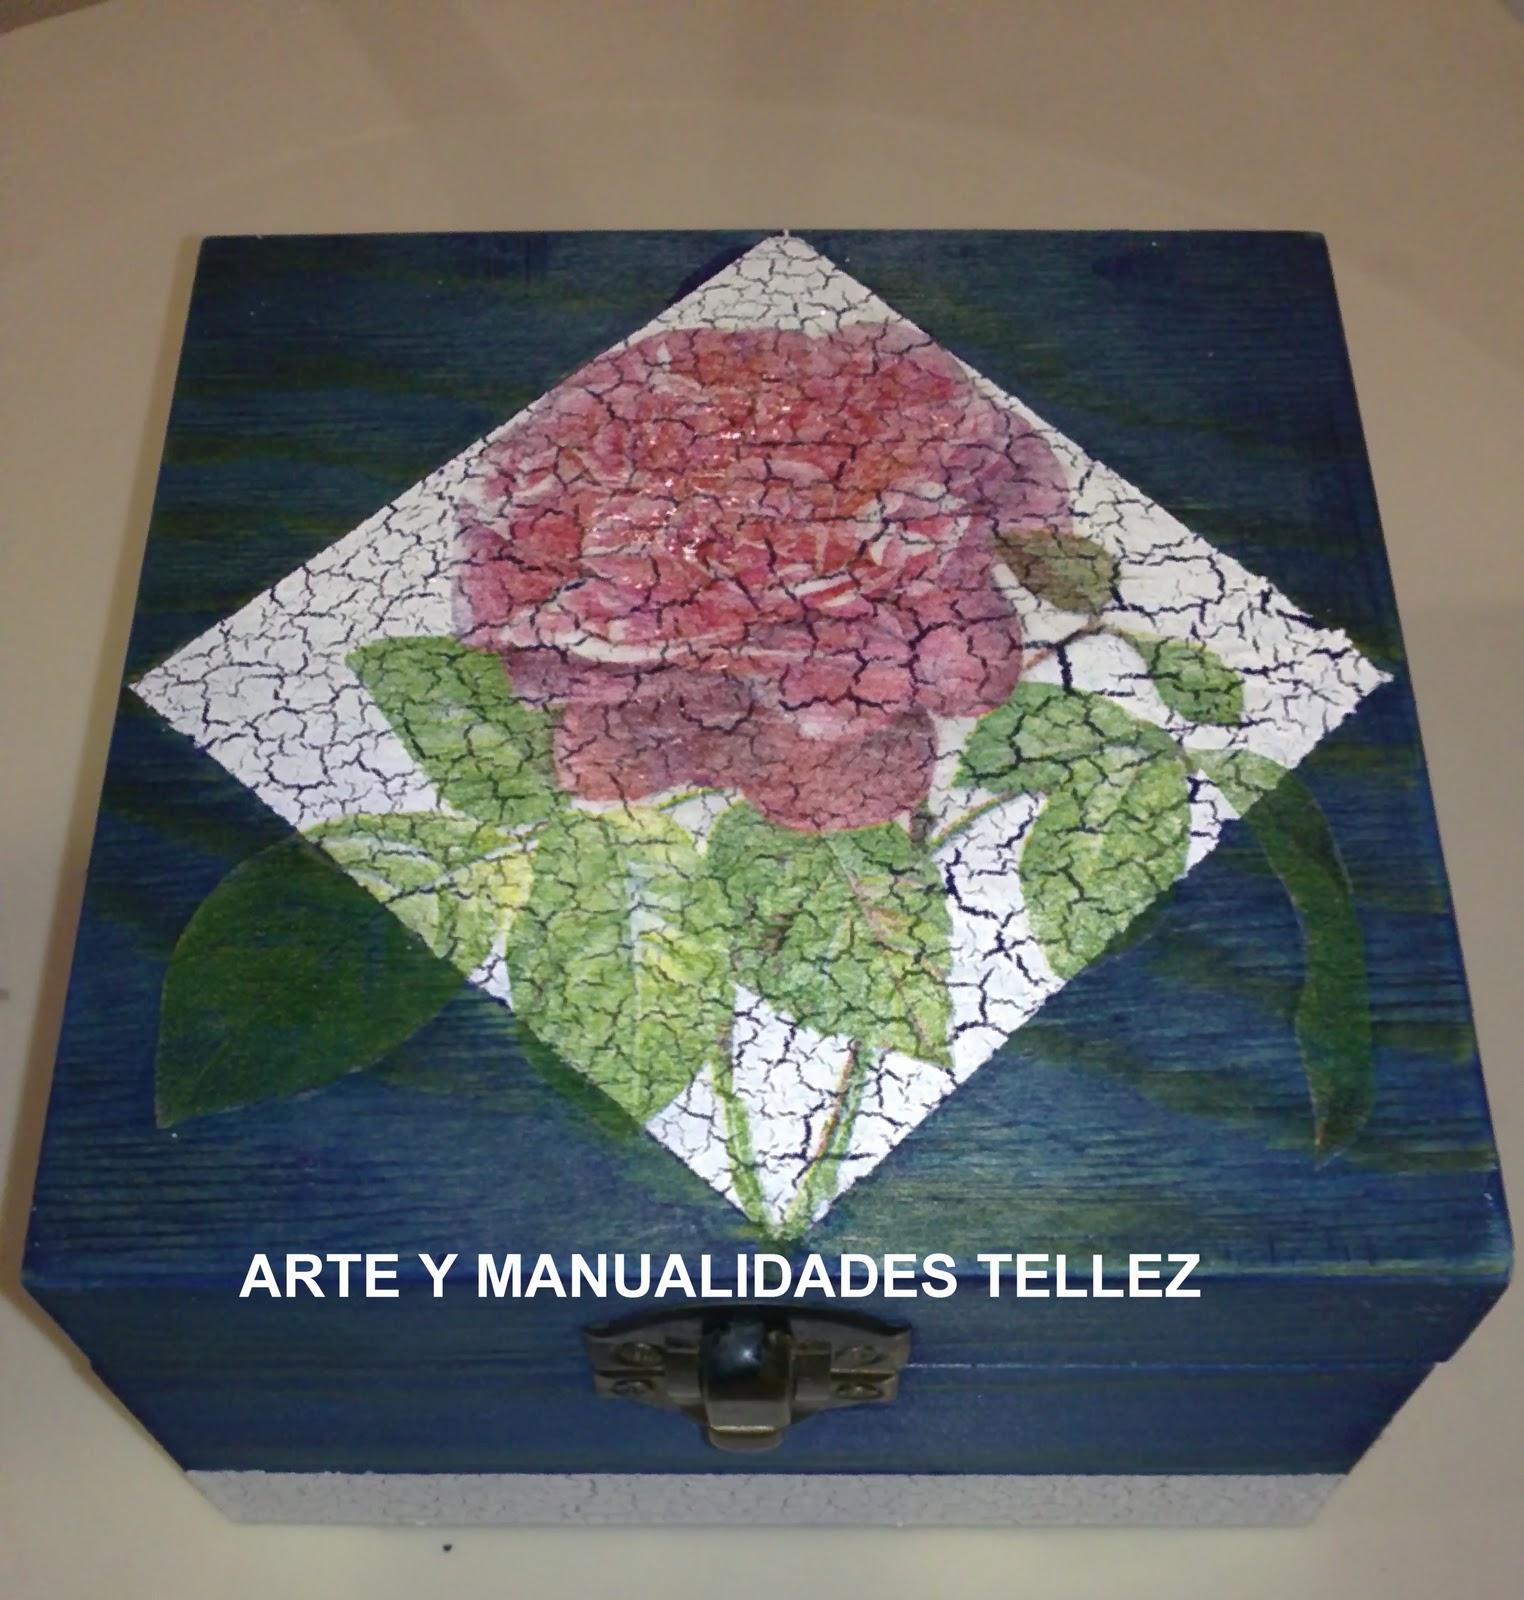 Caja de madera decorada con tinte, craquelado y papel para decoupage.